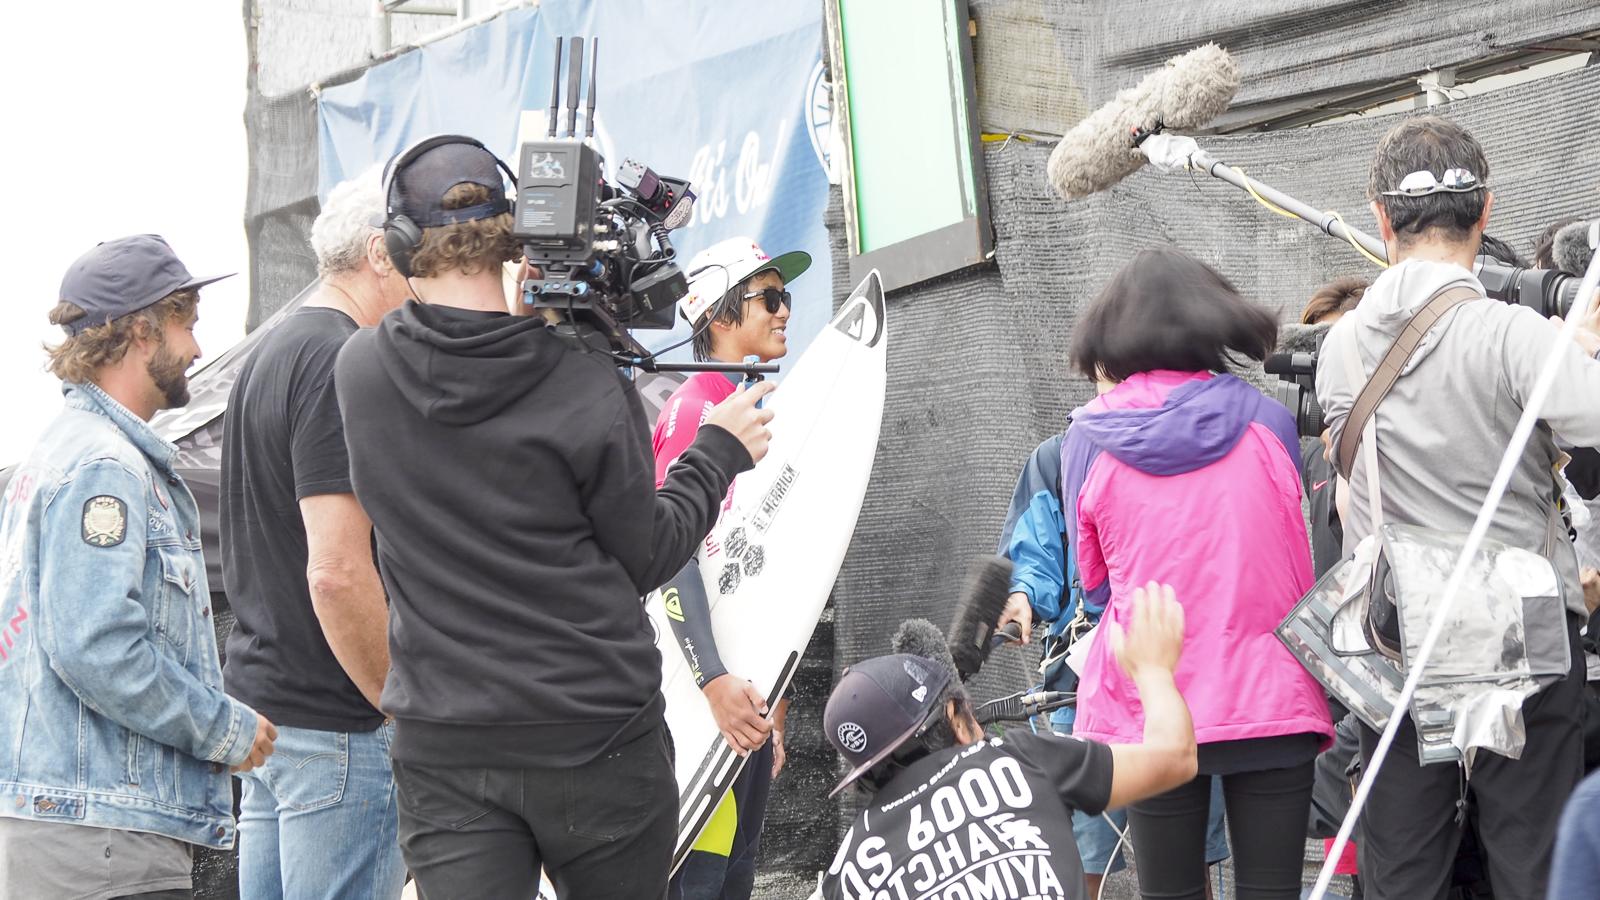 カノアが登場すると多くのメディアが彼を取り囲む。